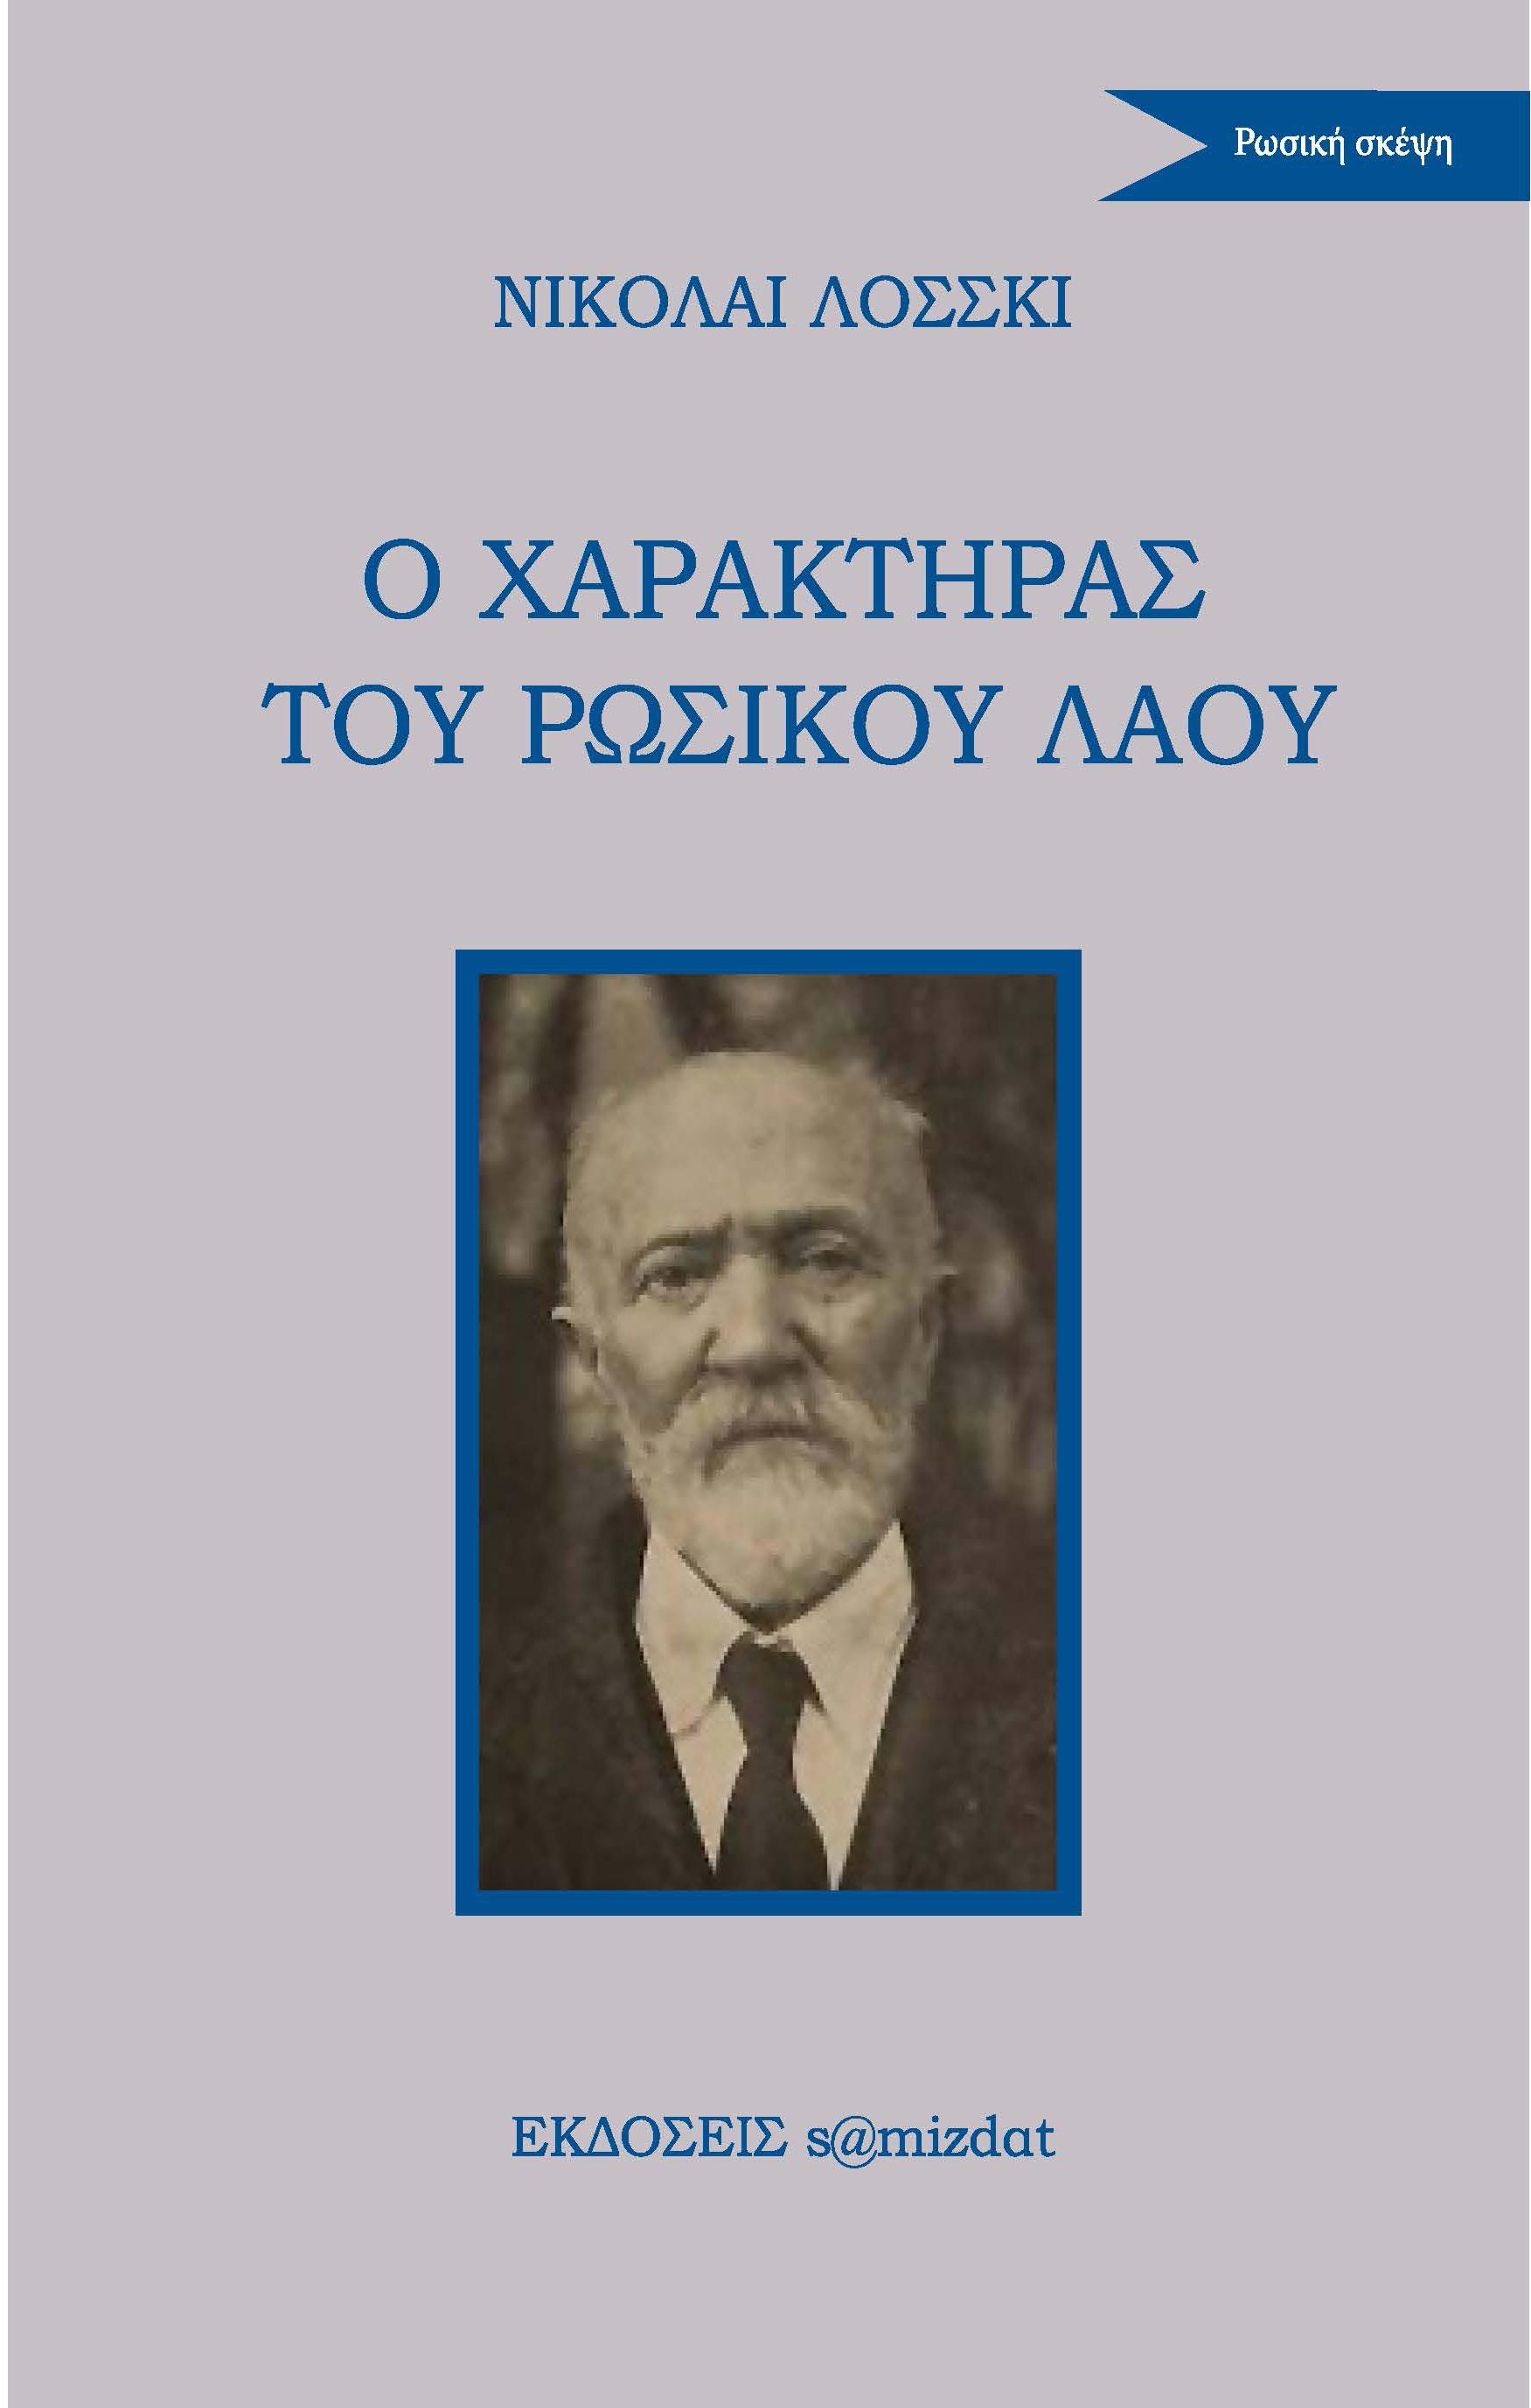 Νικολάι Λόσσκι Ο χαρακτήρας του ρωσικού λαού